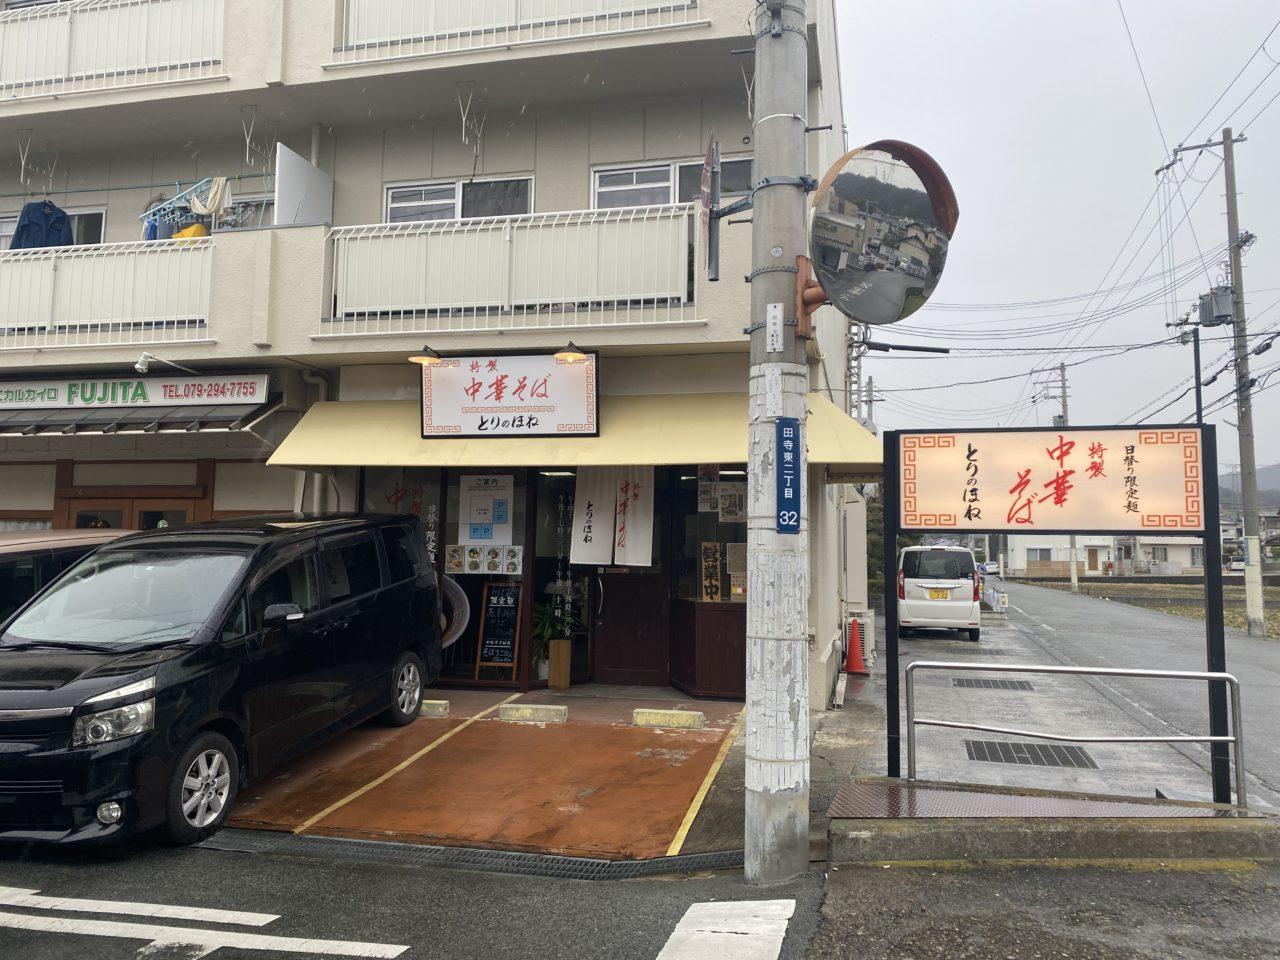 むむ、田寺の住宅街にある中華そば屋「とりのほね」で鴨塩そばを食べたのだが、、、